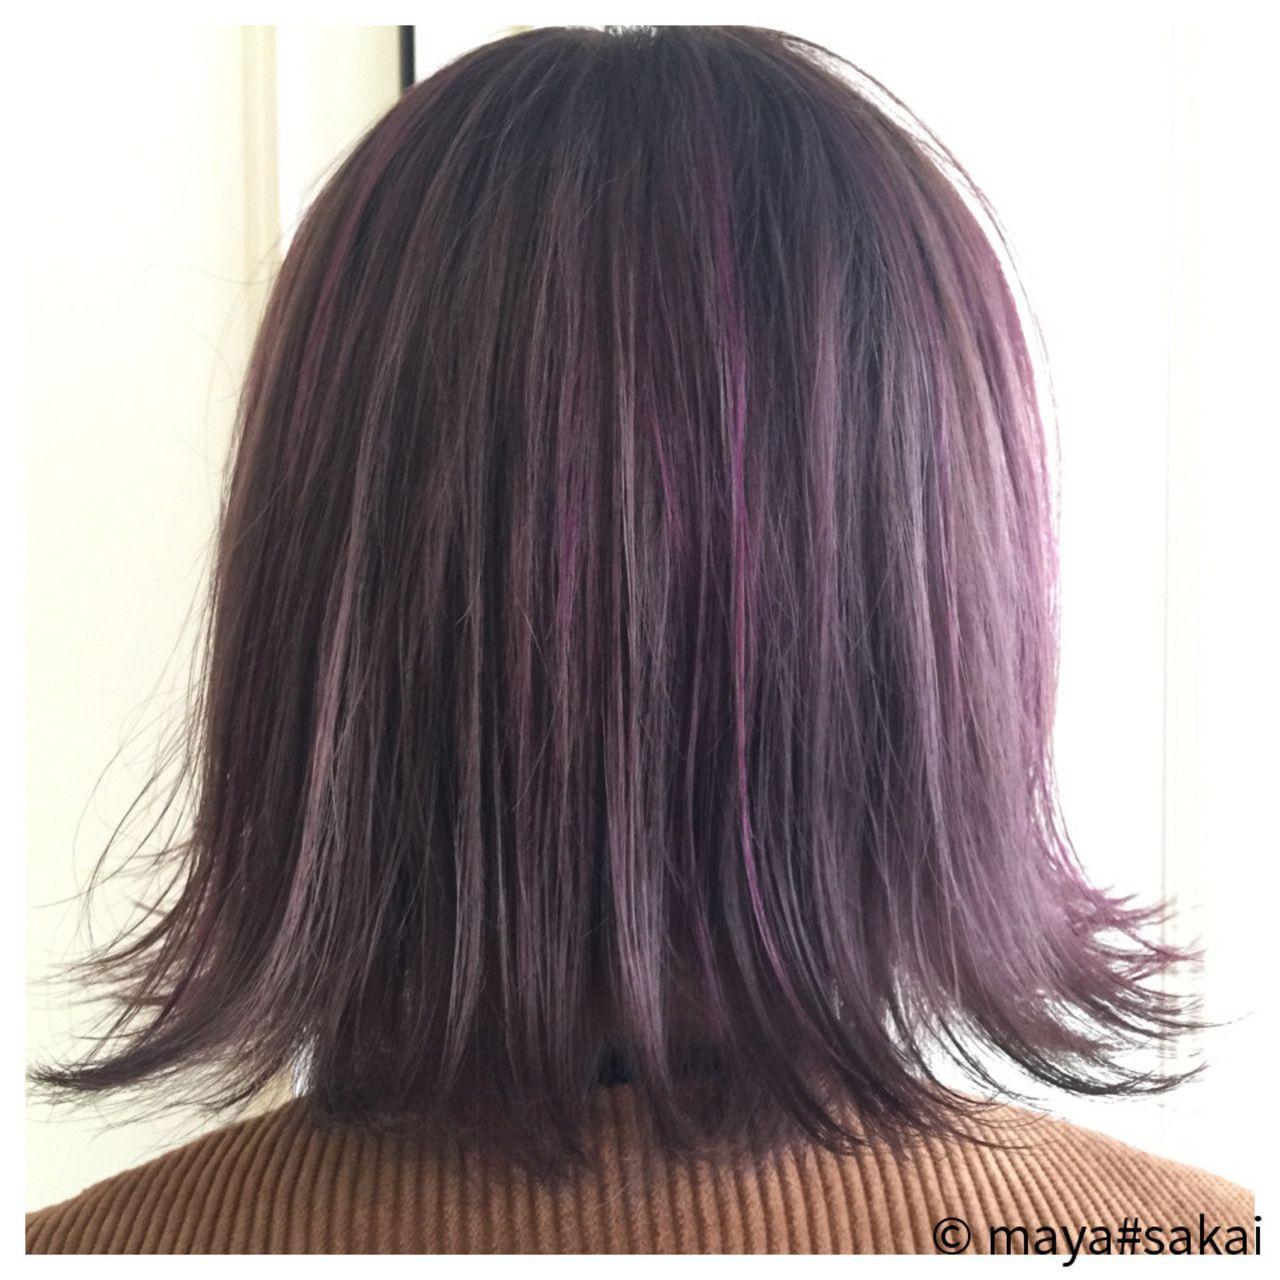 Maya Sakai R Rover By H 髪 色 紫 ヘアカラー ヘアカラー パープル